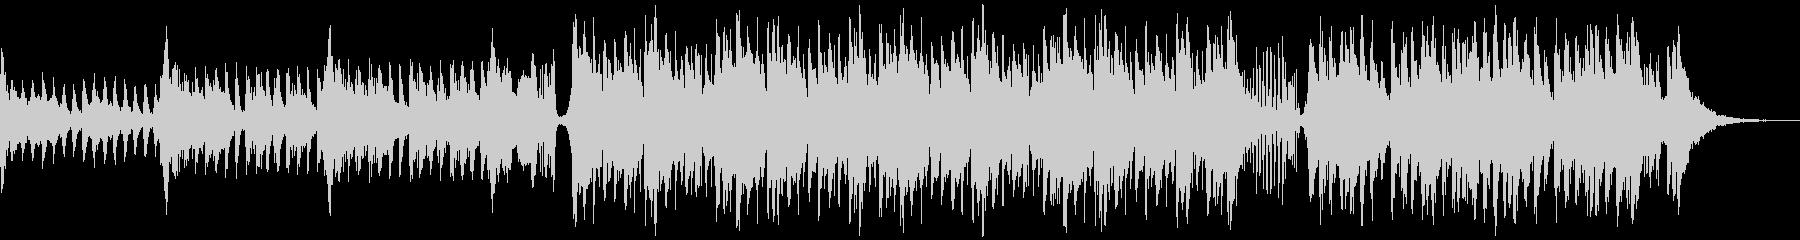 トレーラー・ヒップホップの未再生の波形